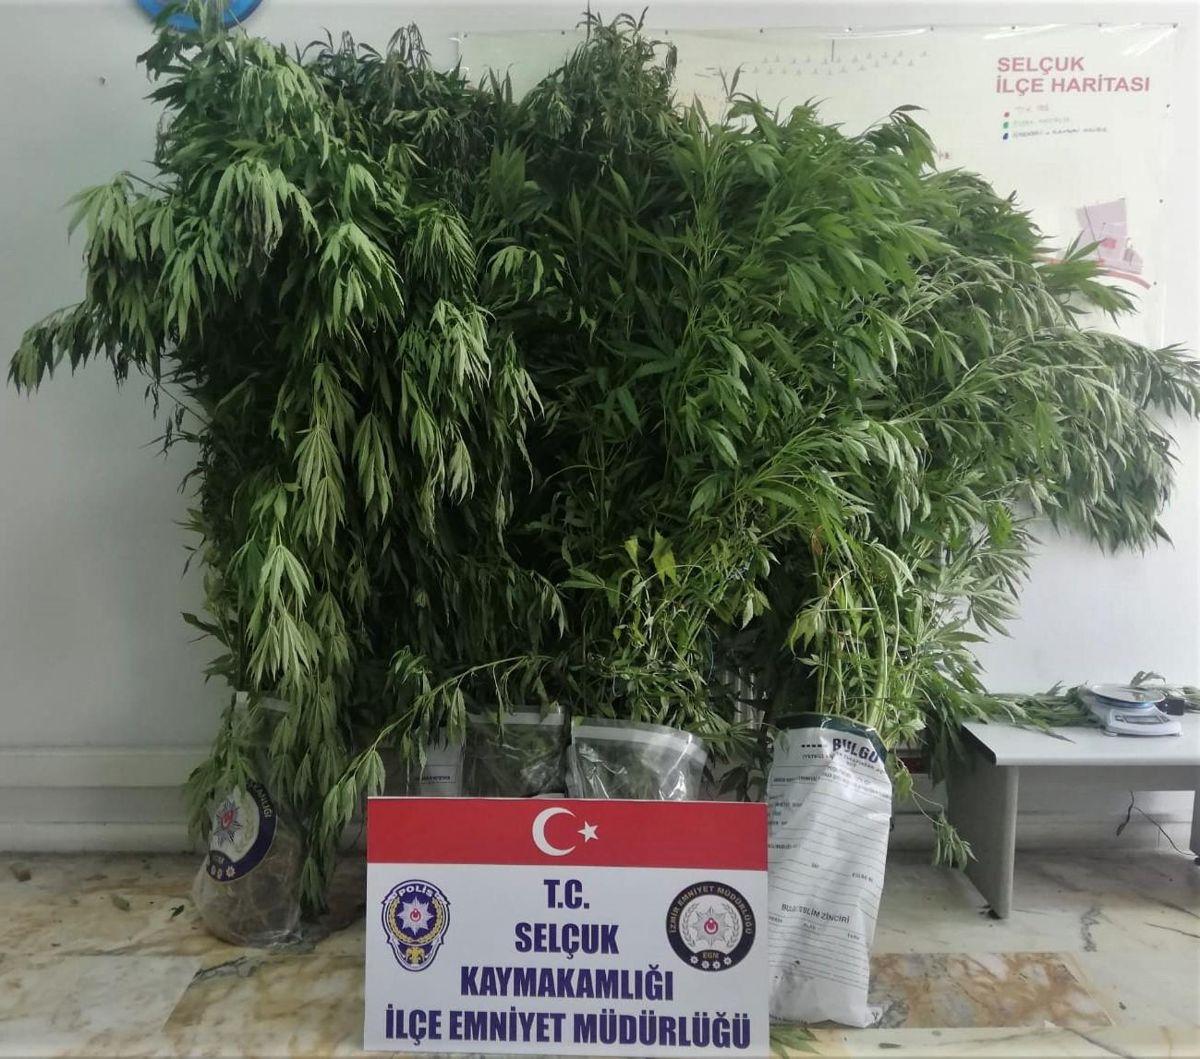 Selçuk'taki uyuşturucu operasyonlarında 3 kişi yakalandı